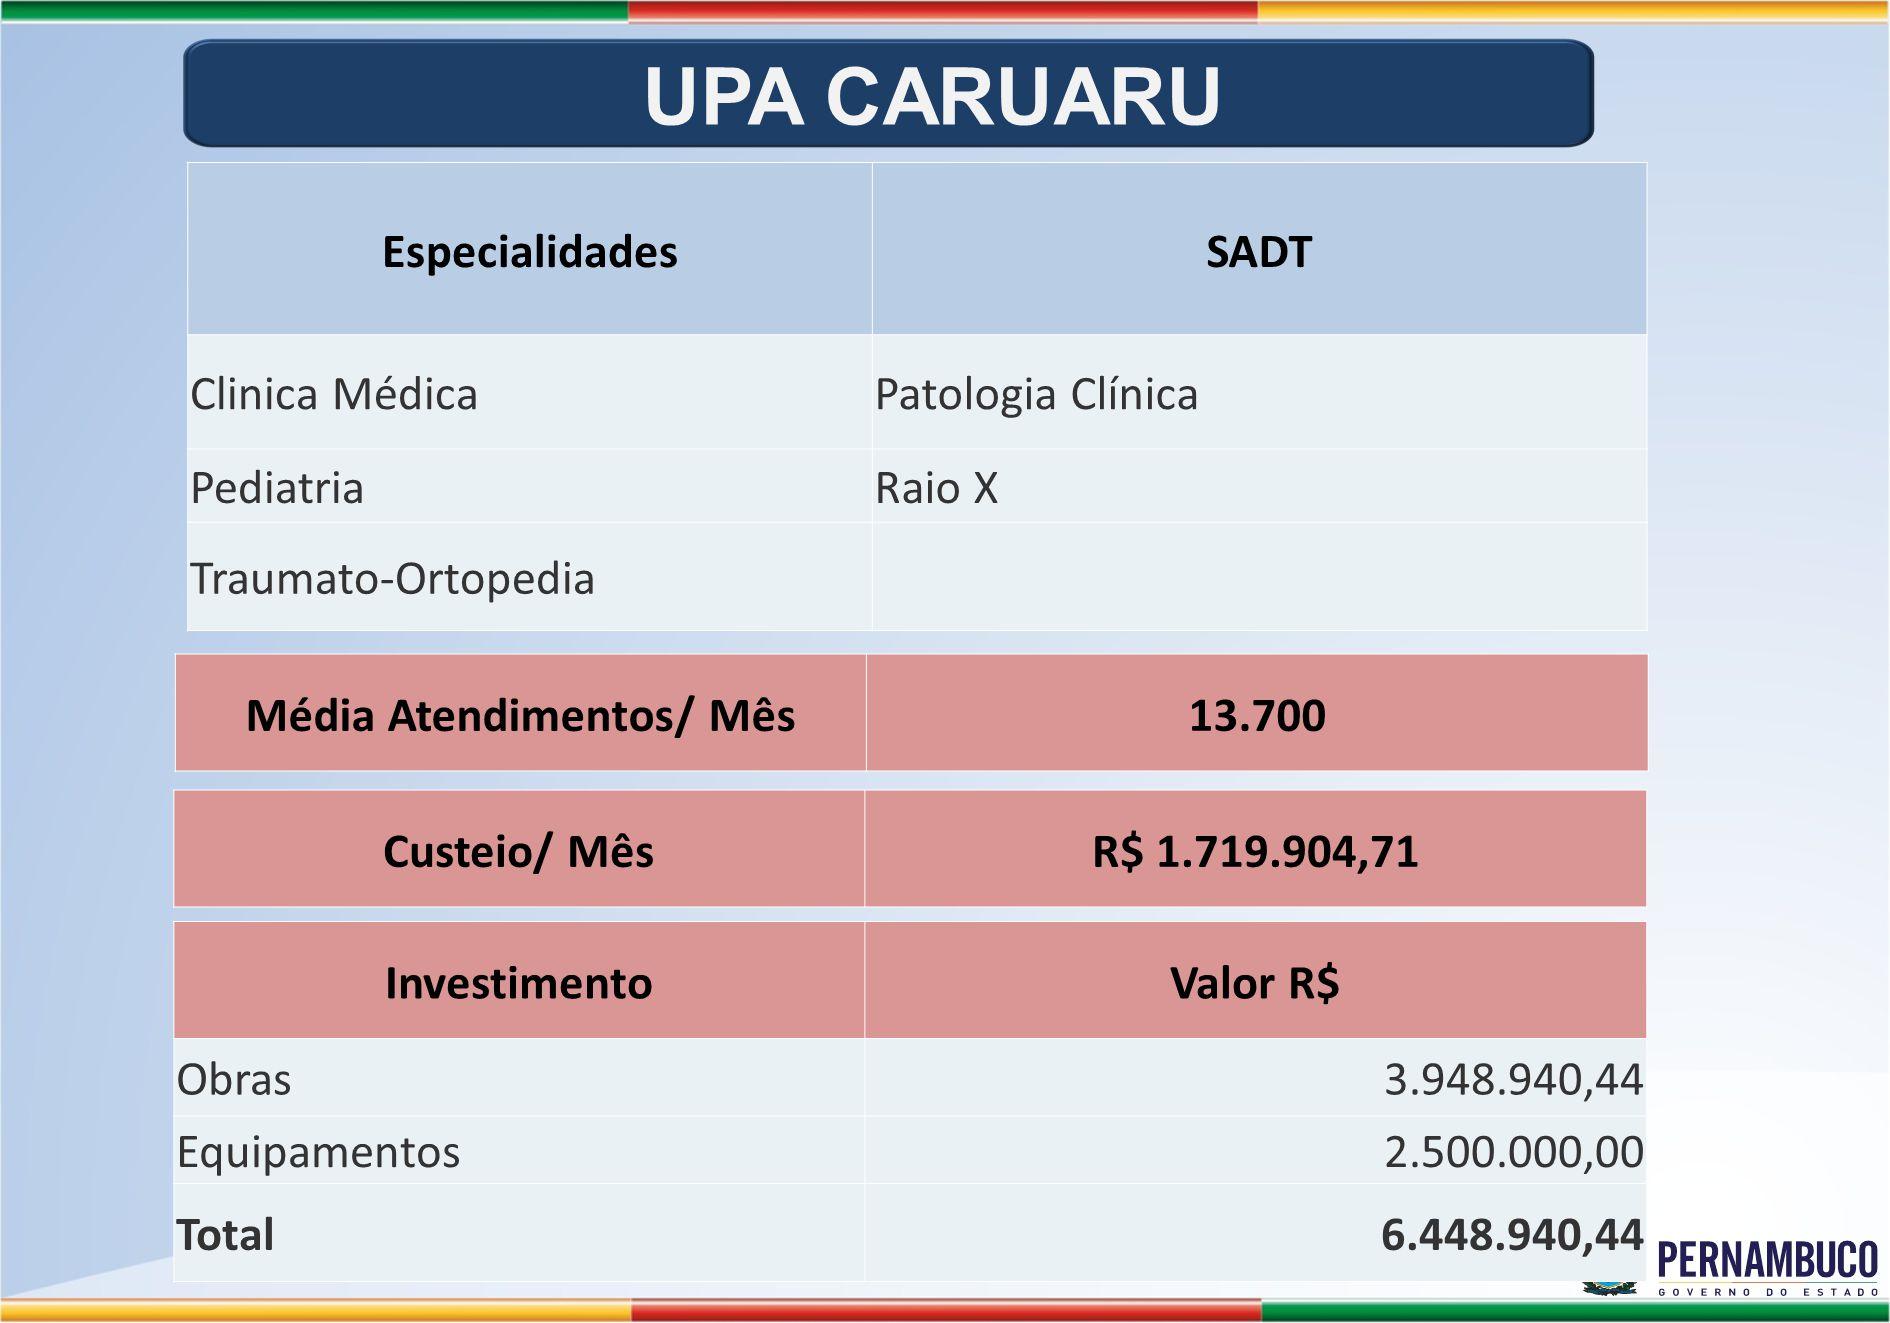 EspecialidadesSADT Clinica MédicaPatologia Clínica PediatriaRaio X Traumato-Ortopedia InvestimentoValor R$ Obras3.948.940,44 Equipamentos2.500.000,00 Total6.448.940,44 Média Atendimentos/ Mês13.700 Custeio/ MêsR$ 1.719.904,71 UPA CARUARU